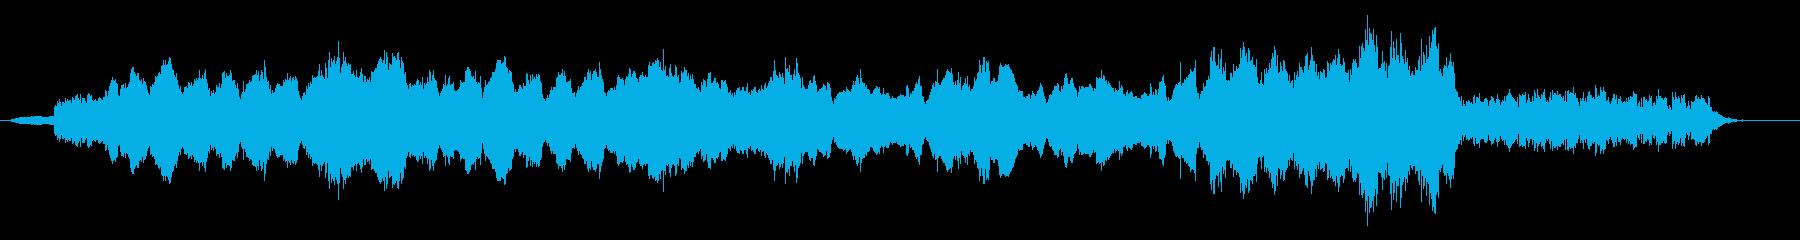 紡ぎだす流れをイメージしたBGMの再生済みの波形